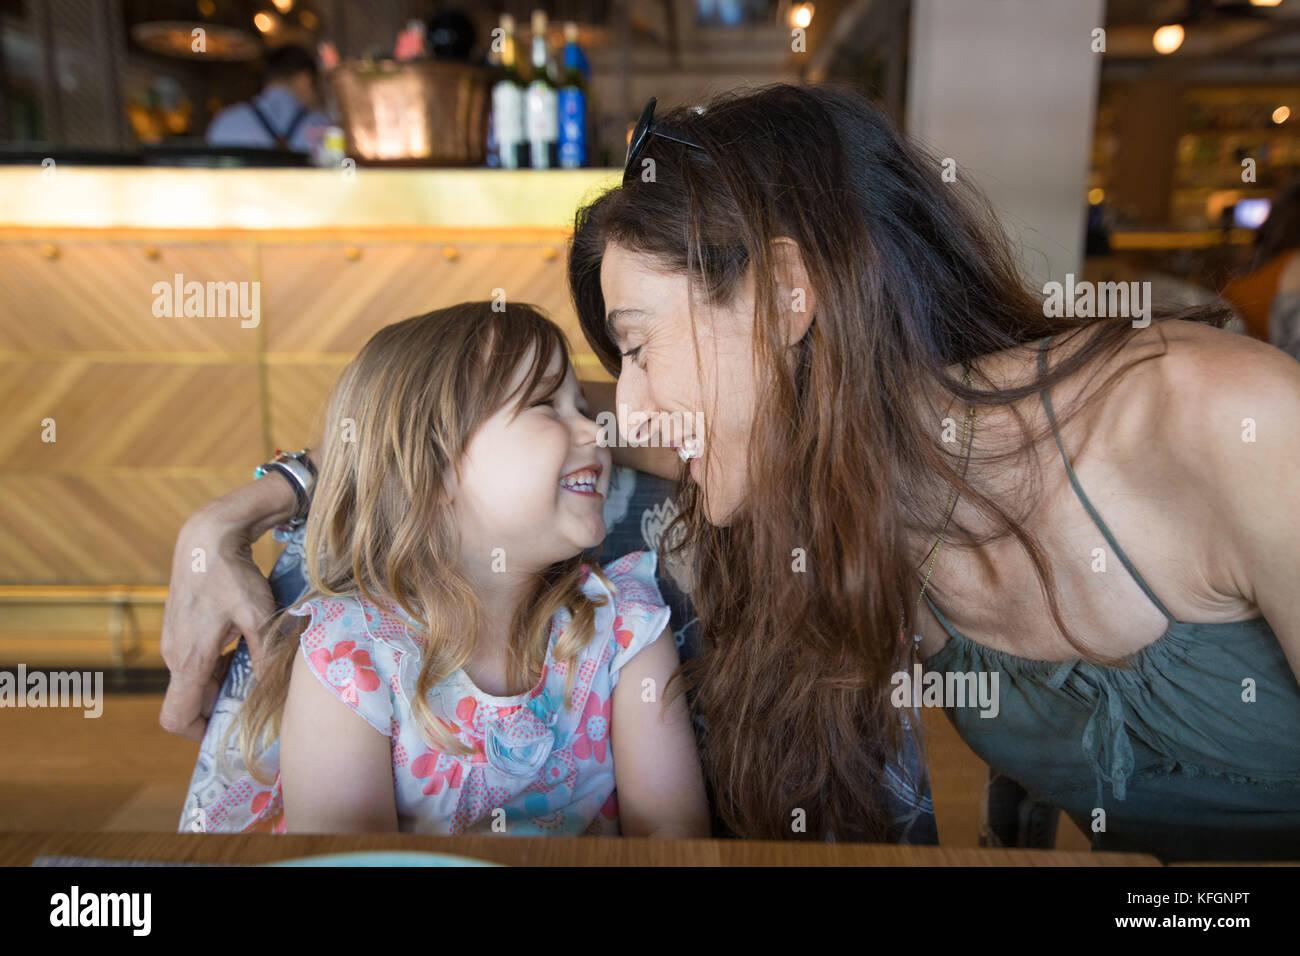 Tres años rubia chica busca mujer madre riendo sentados en el restaurante Foto de stock